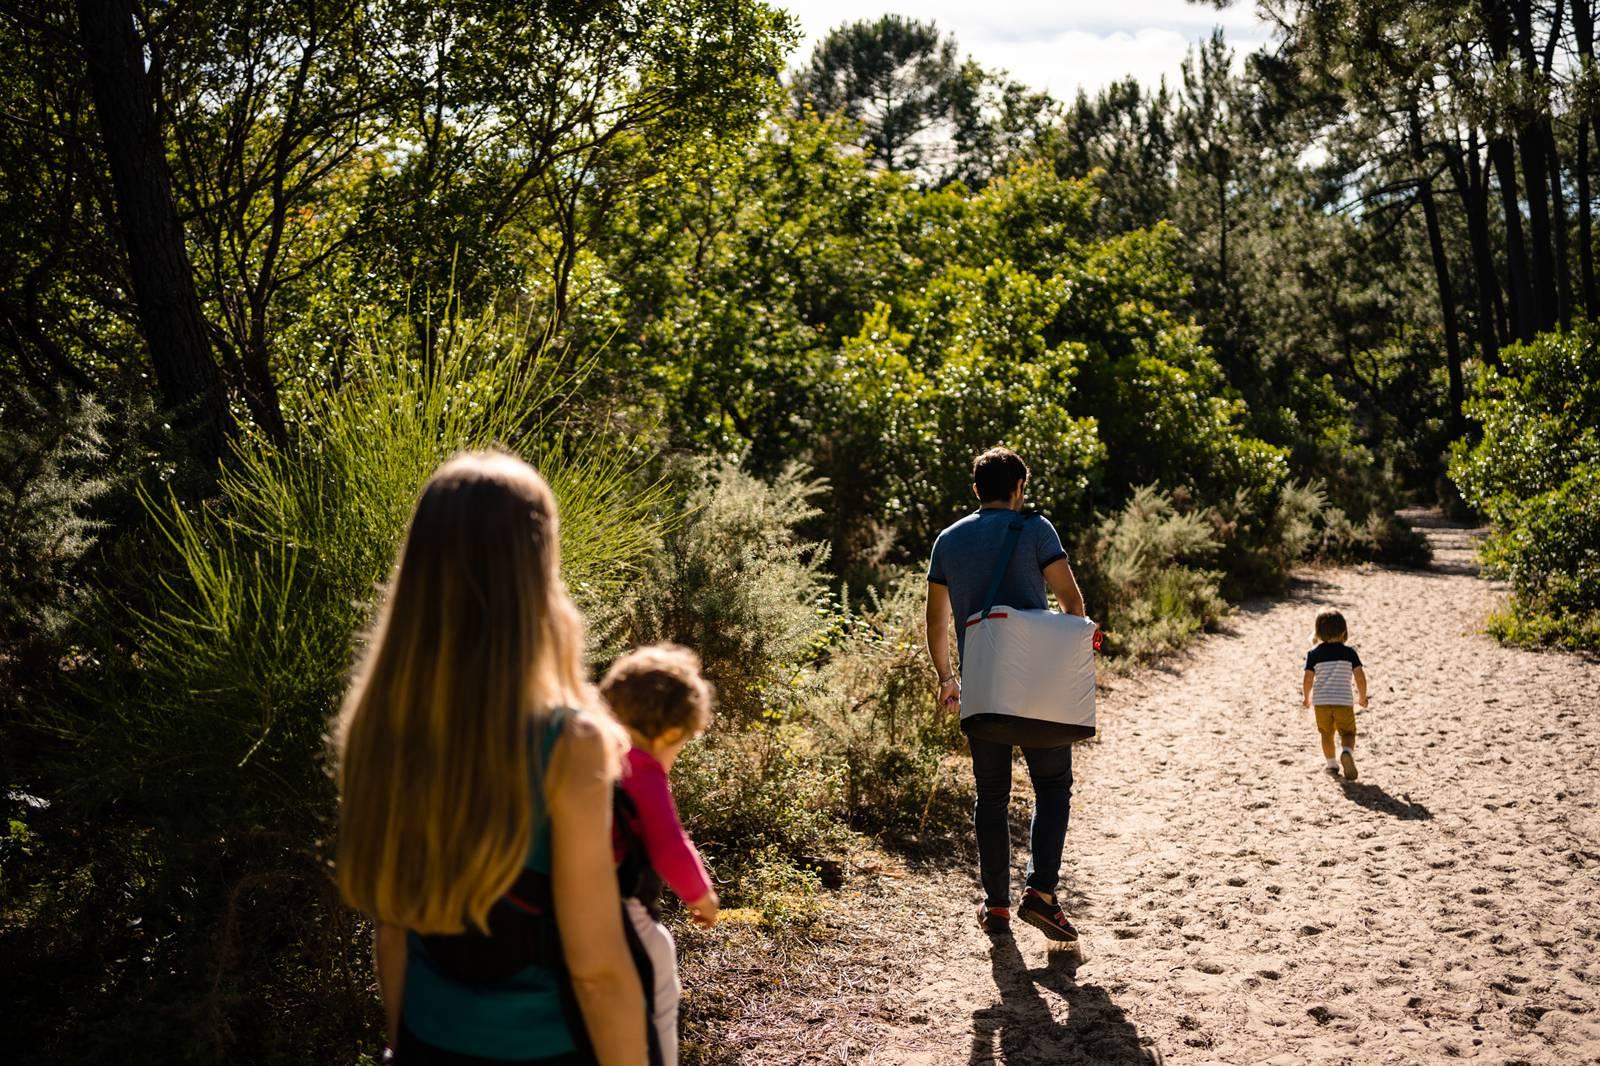 Les photos de famille de Céline, Michel et leurs deux enfants sur la Dune du Pilat, côté Plage Robinson, sur le Bassin d'Arcachon. Une séance fun et naturelle !